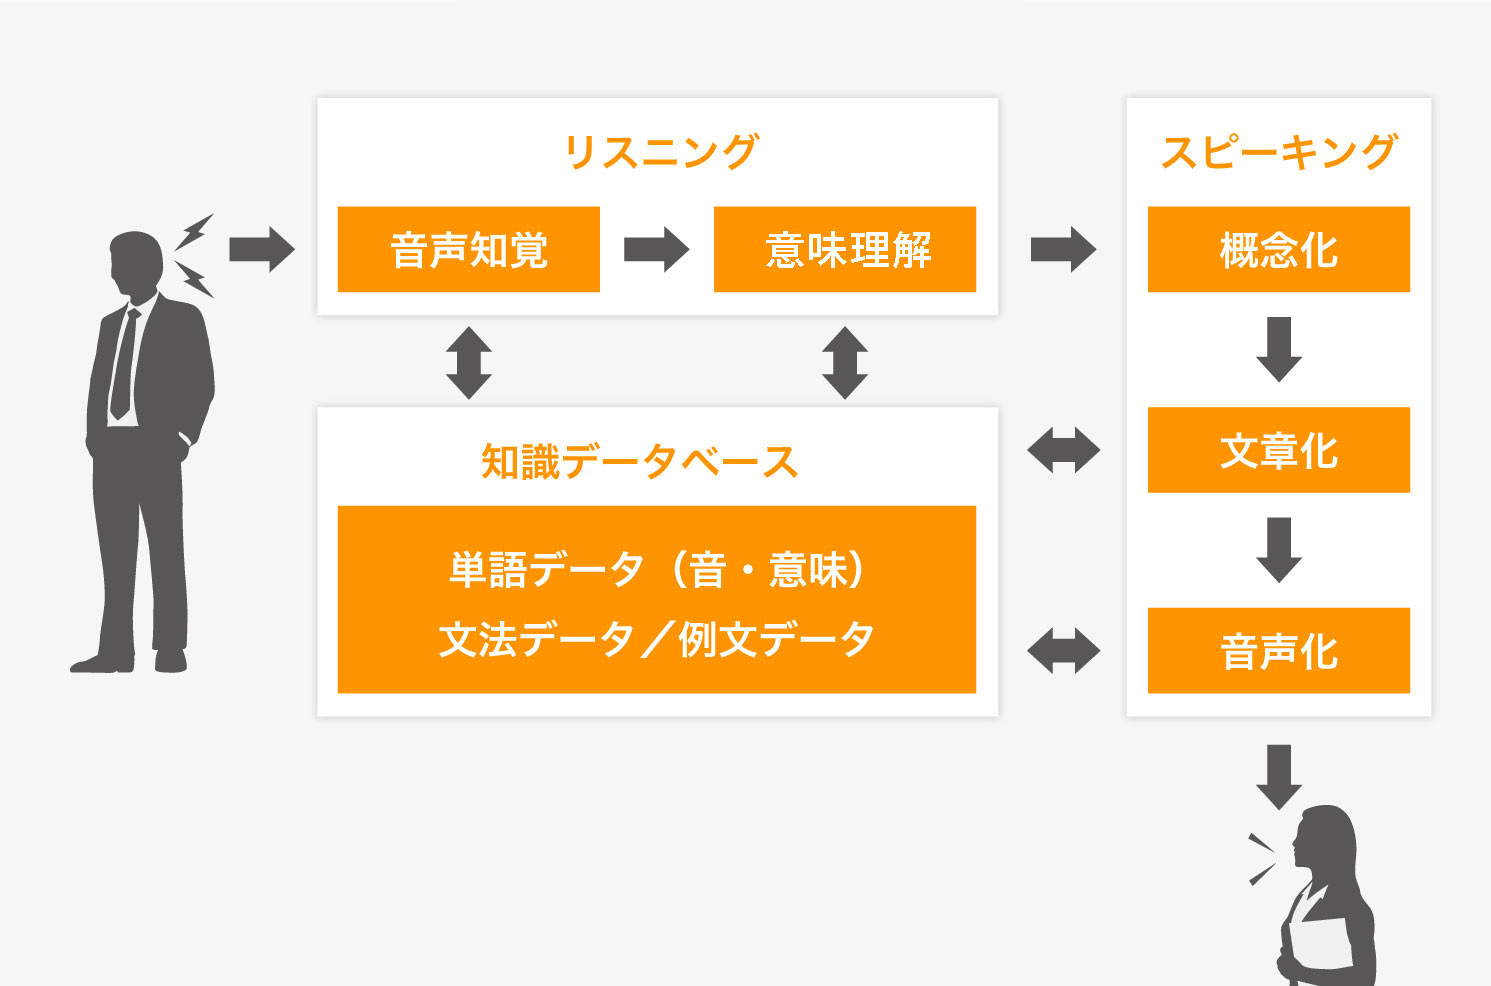 英会話の5ステップ説明図